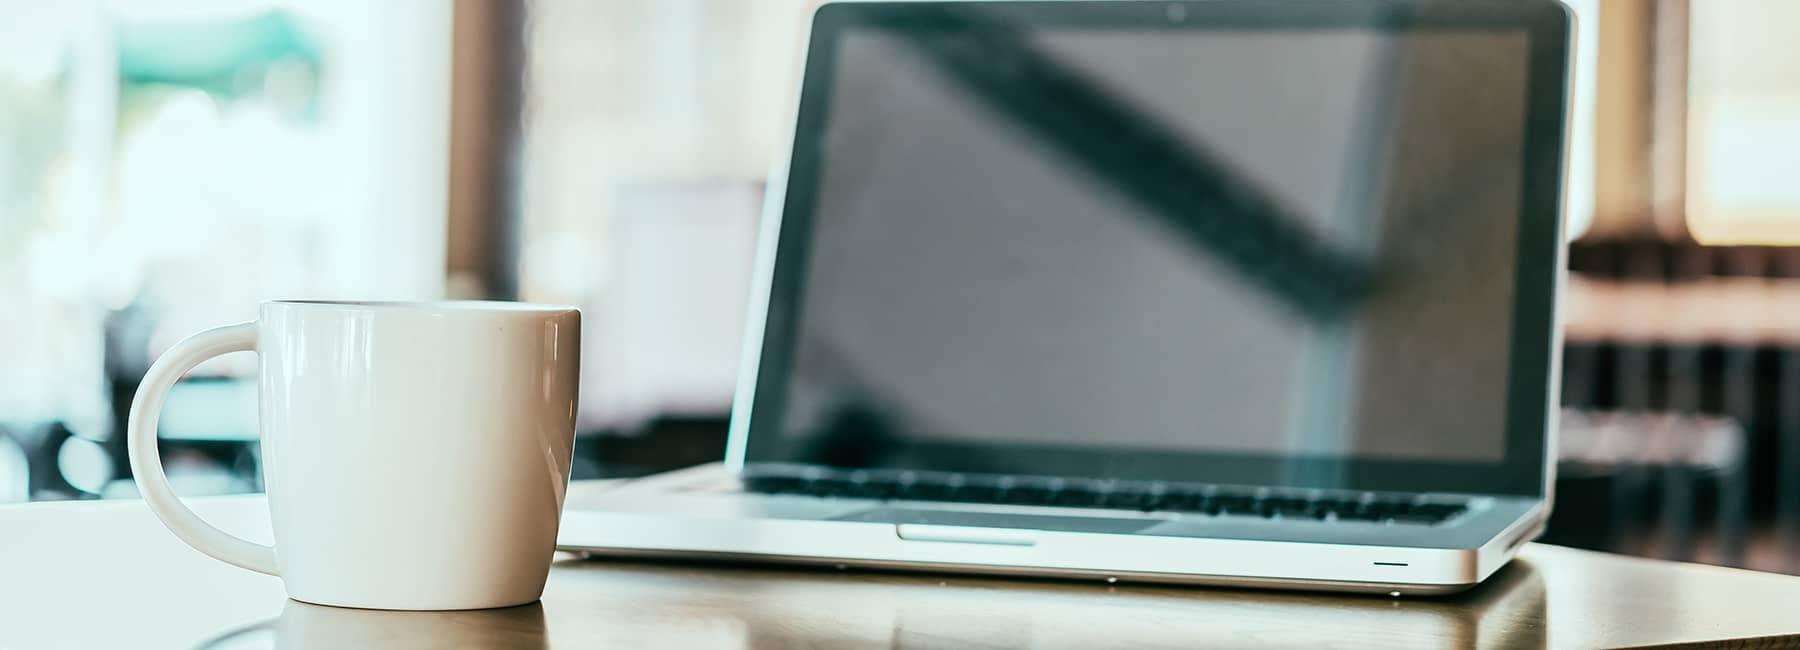 Computer and coffee mug